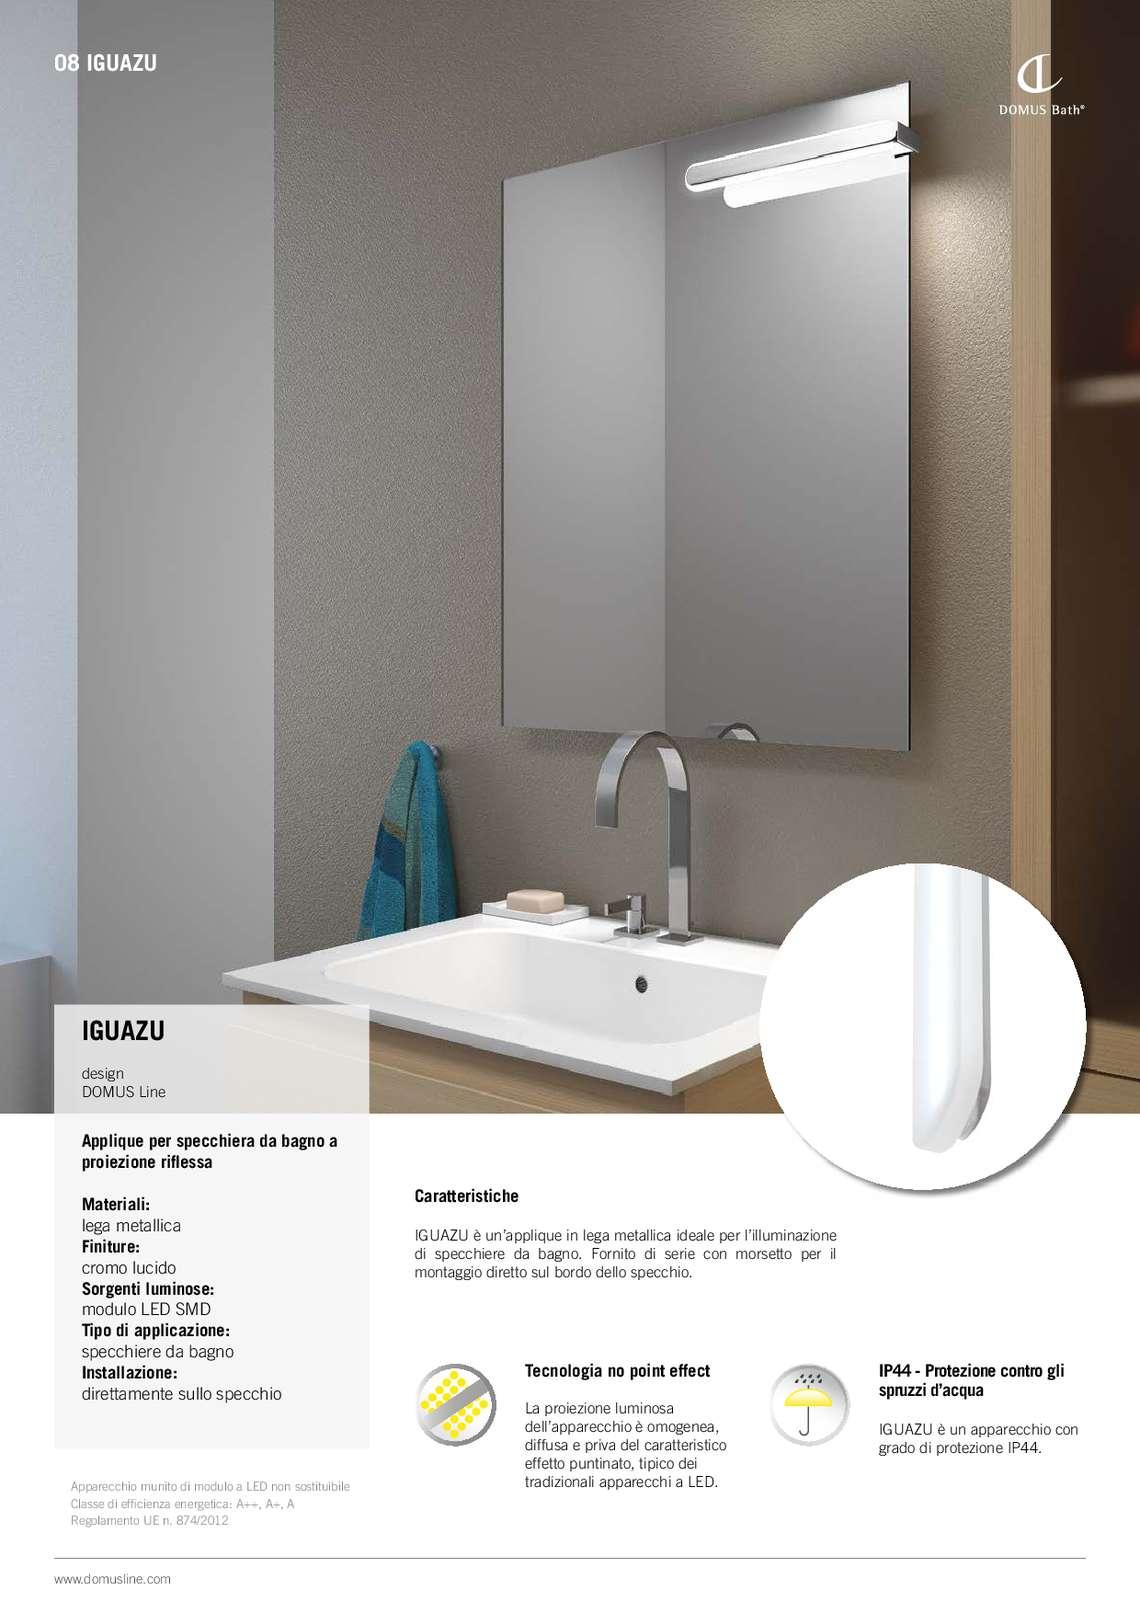 domus-line-bath_24_008.jpg